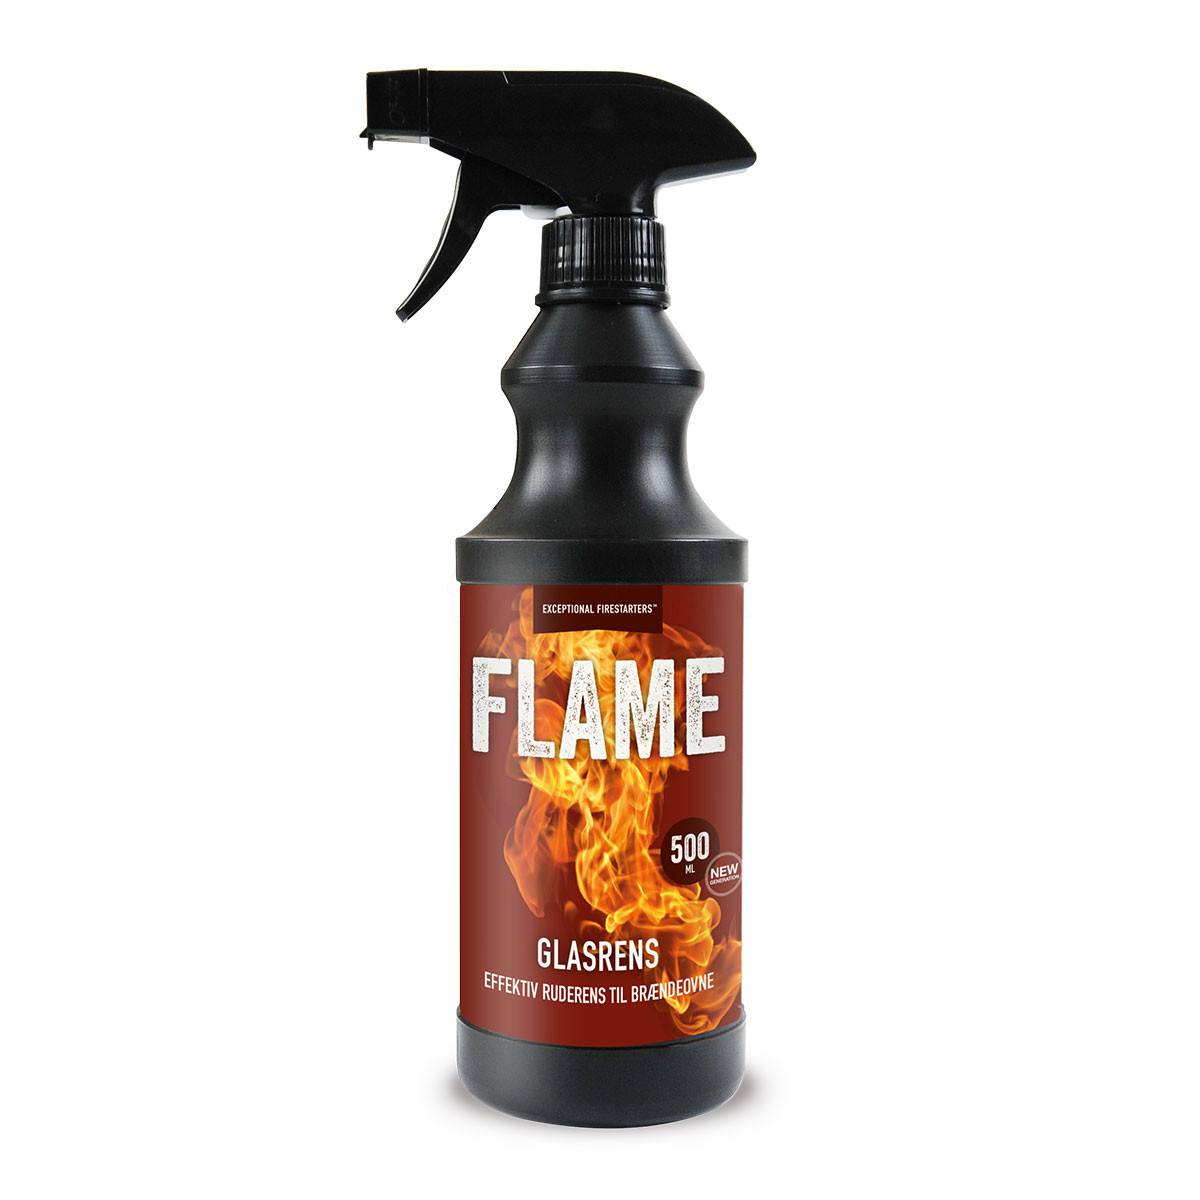 Flame glasrens - 500 ml. ovnruderens til brændeovn